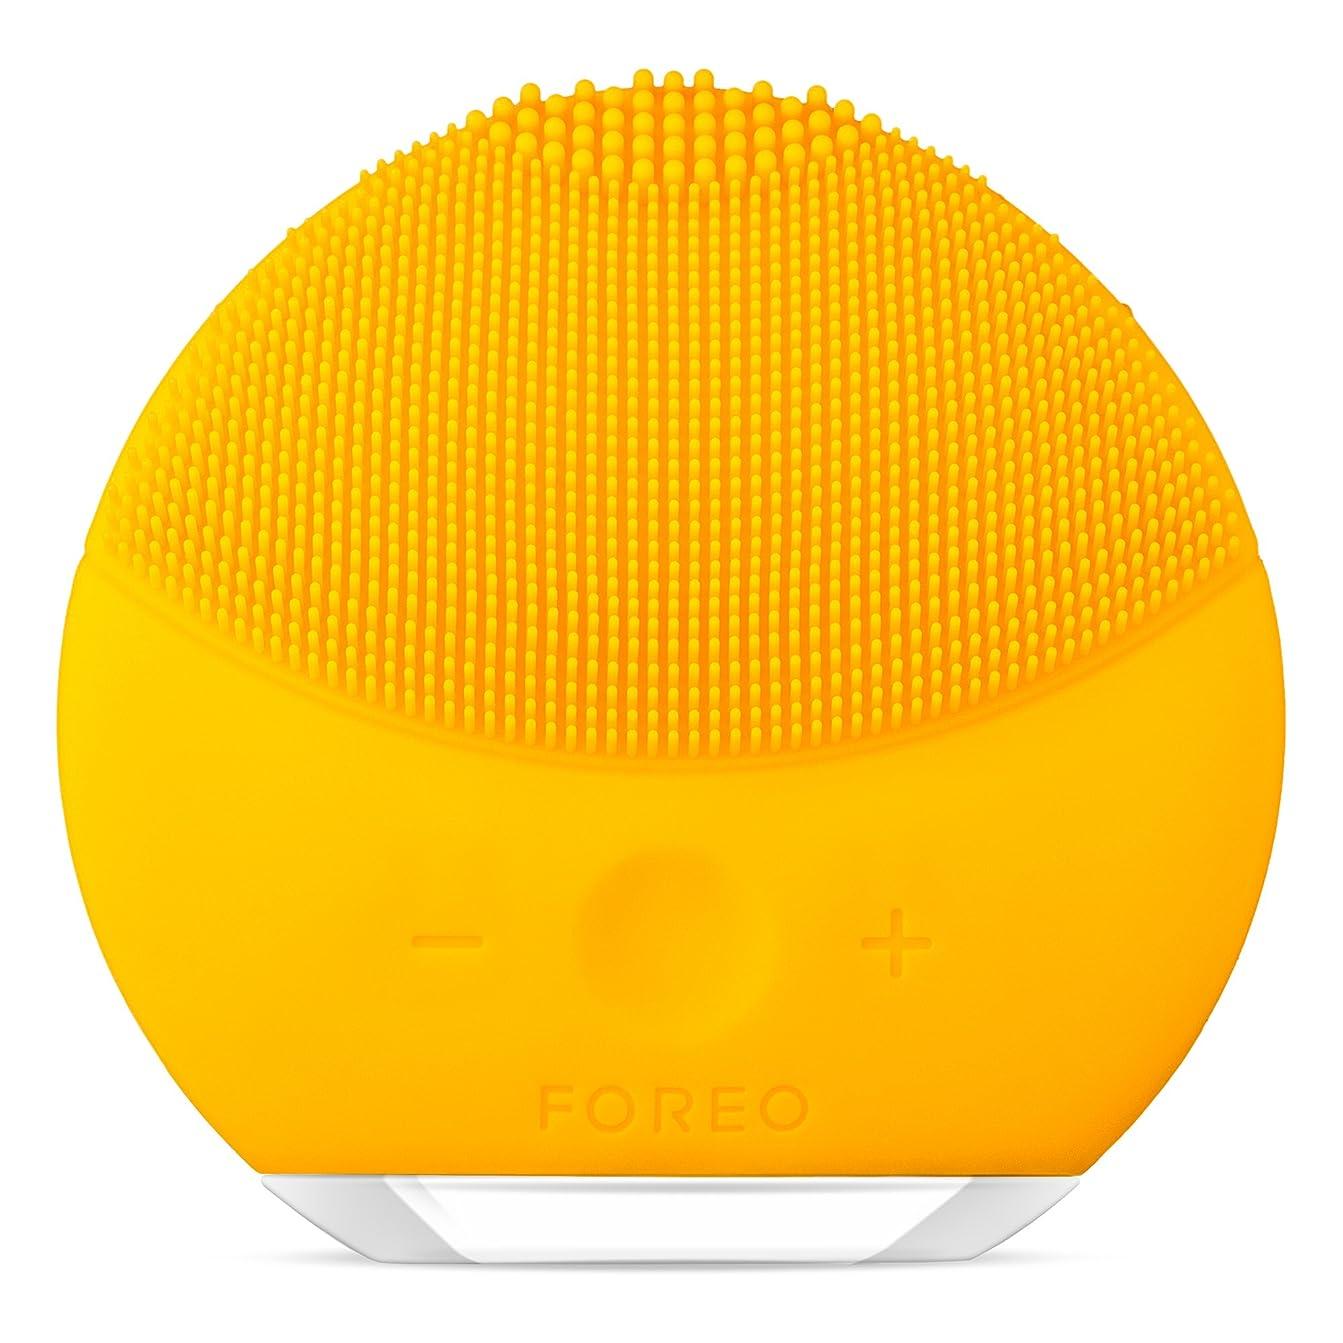 アンドリューハリディたらい飾るFOREO LUNA mini 2 サンフラワーイエロー 電動洗顔ブラシ シリコーン製 音波振動